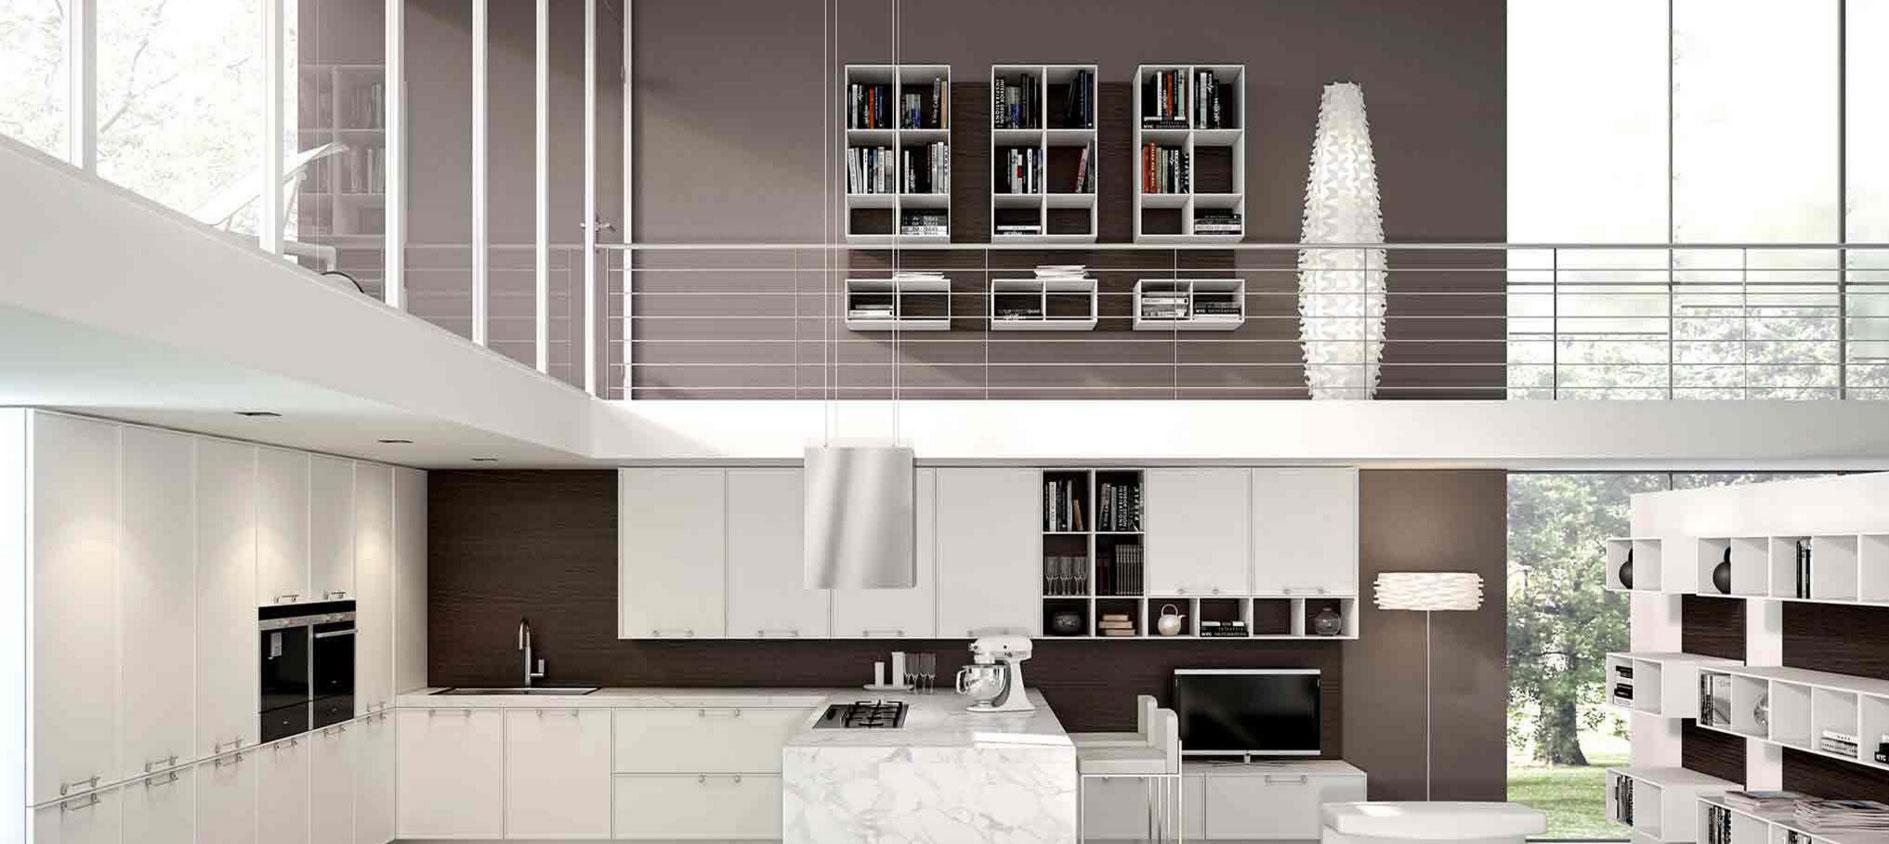 Fehér minimalista letisztult konyhabútor